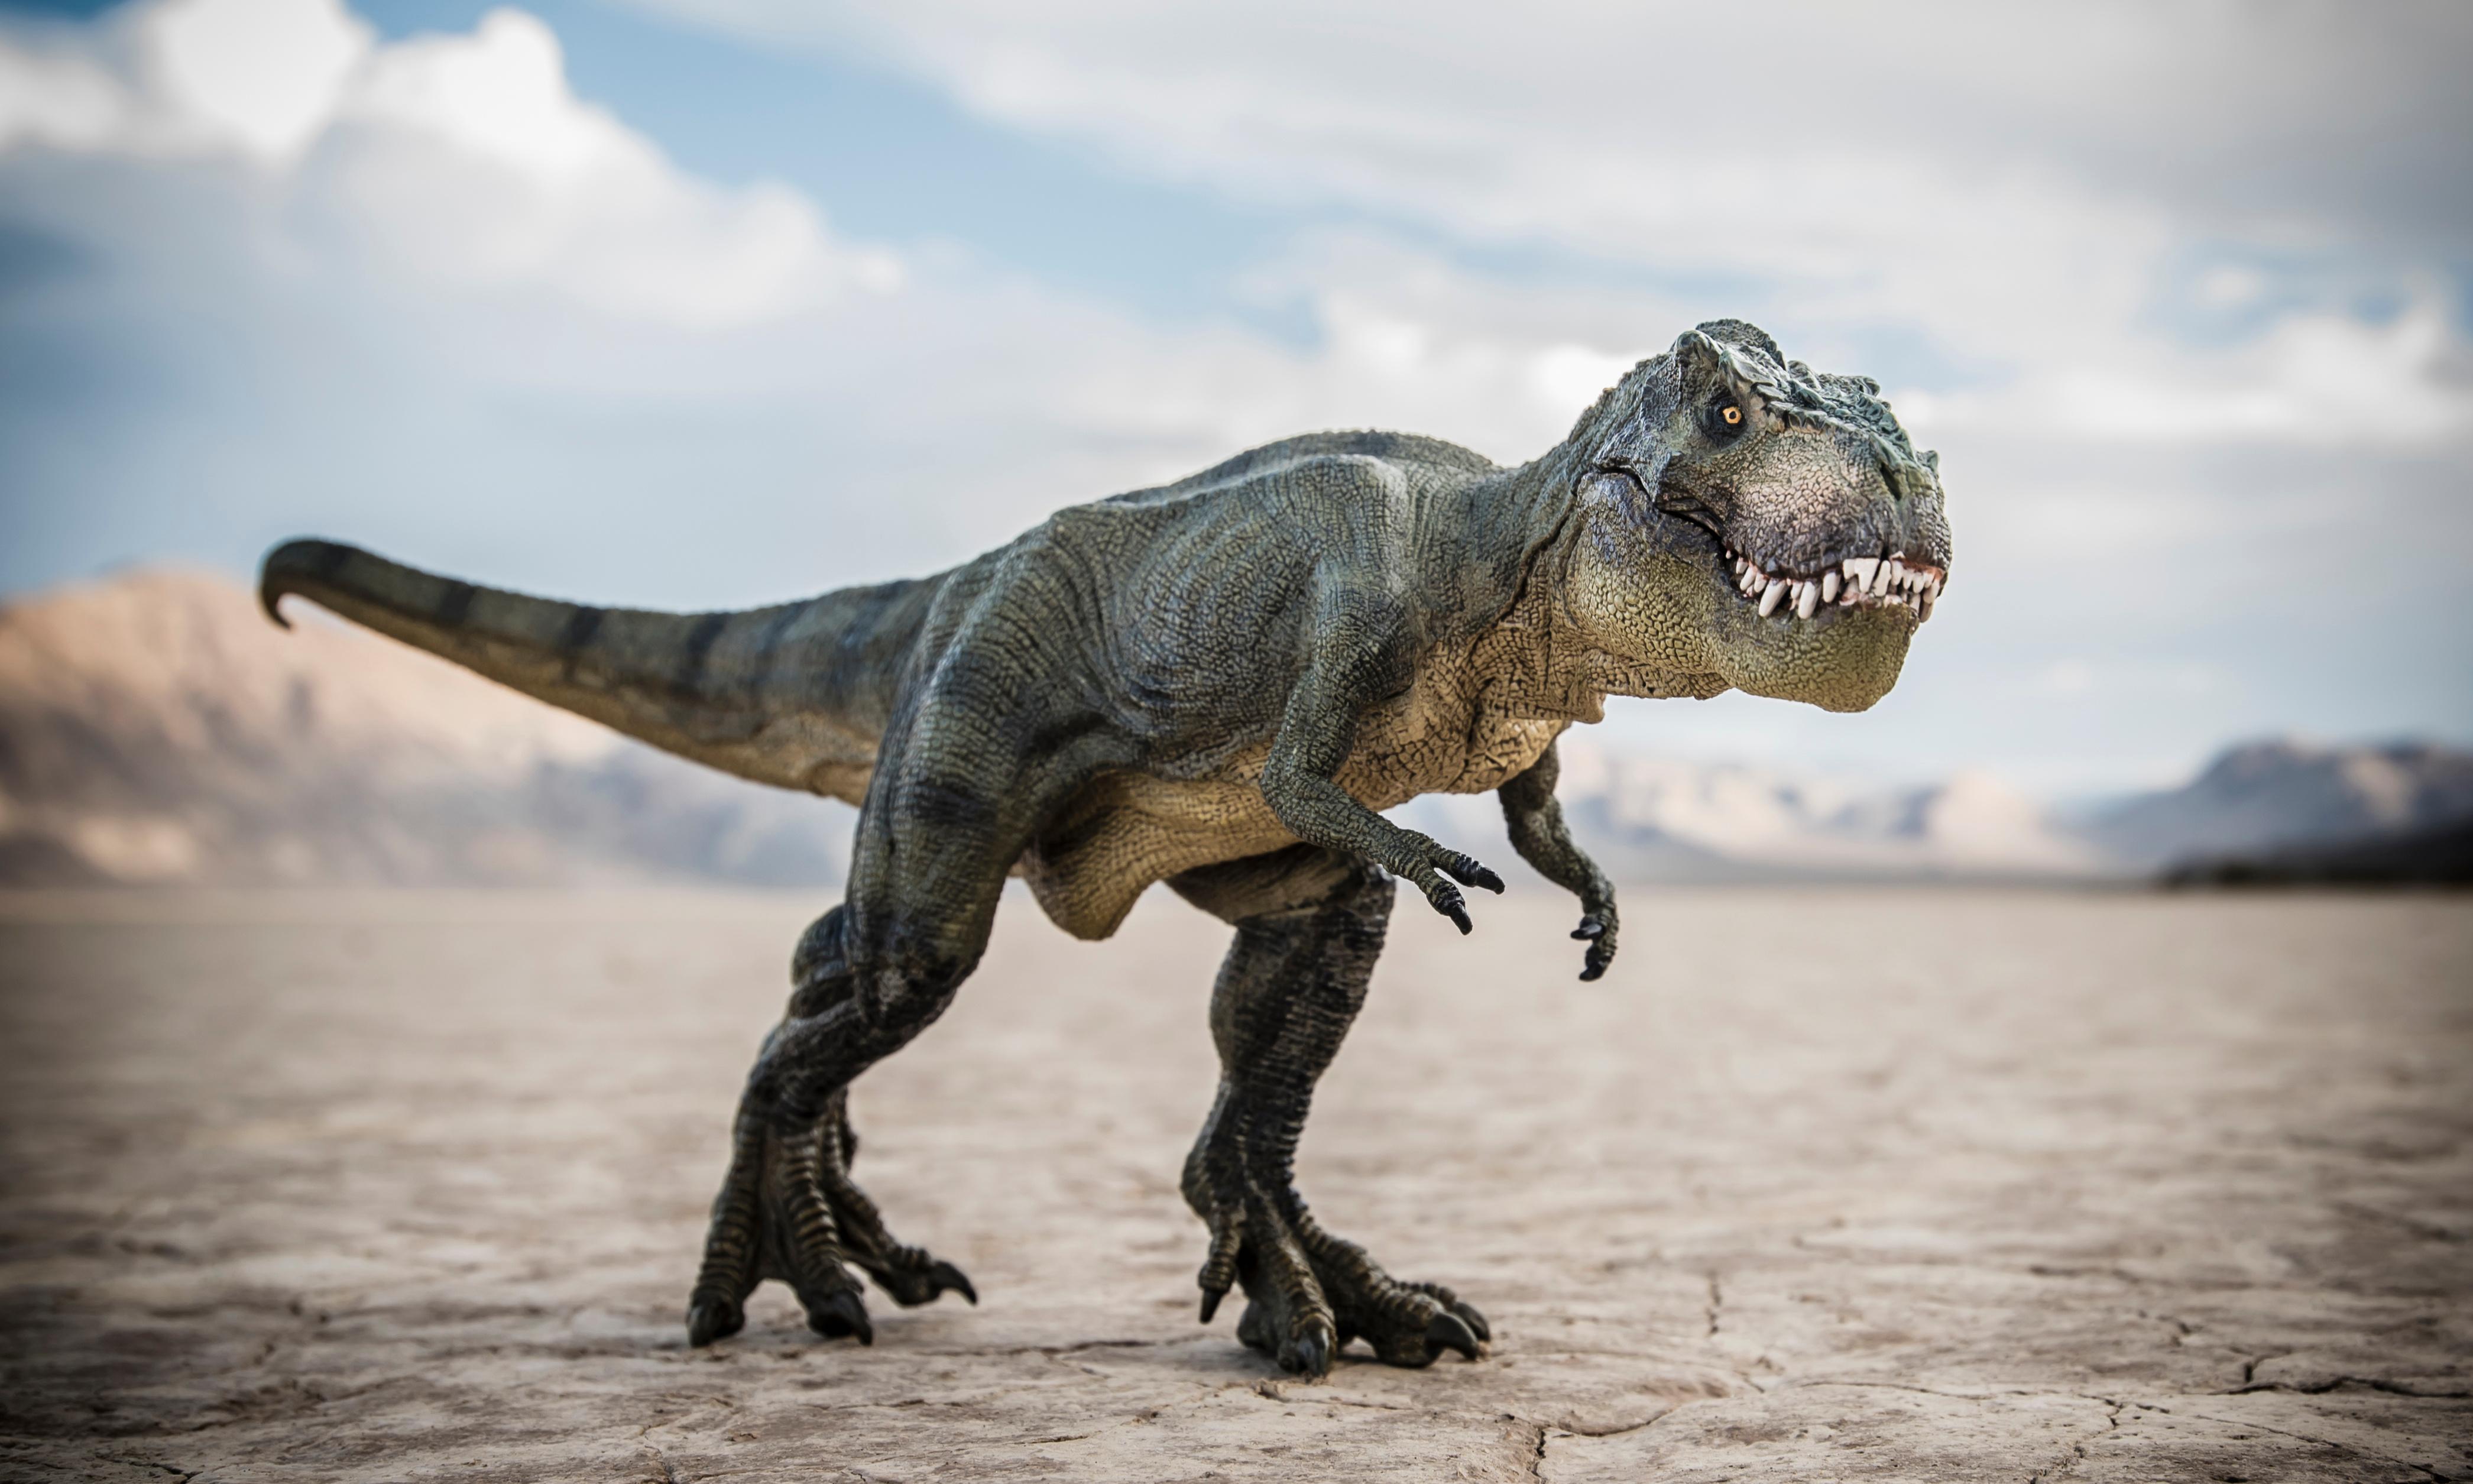 Baby T rex goes on sale on eBay, sparking paleontologists' outcry